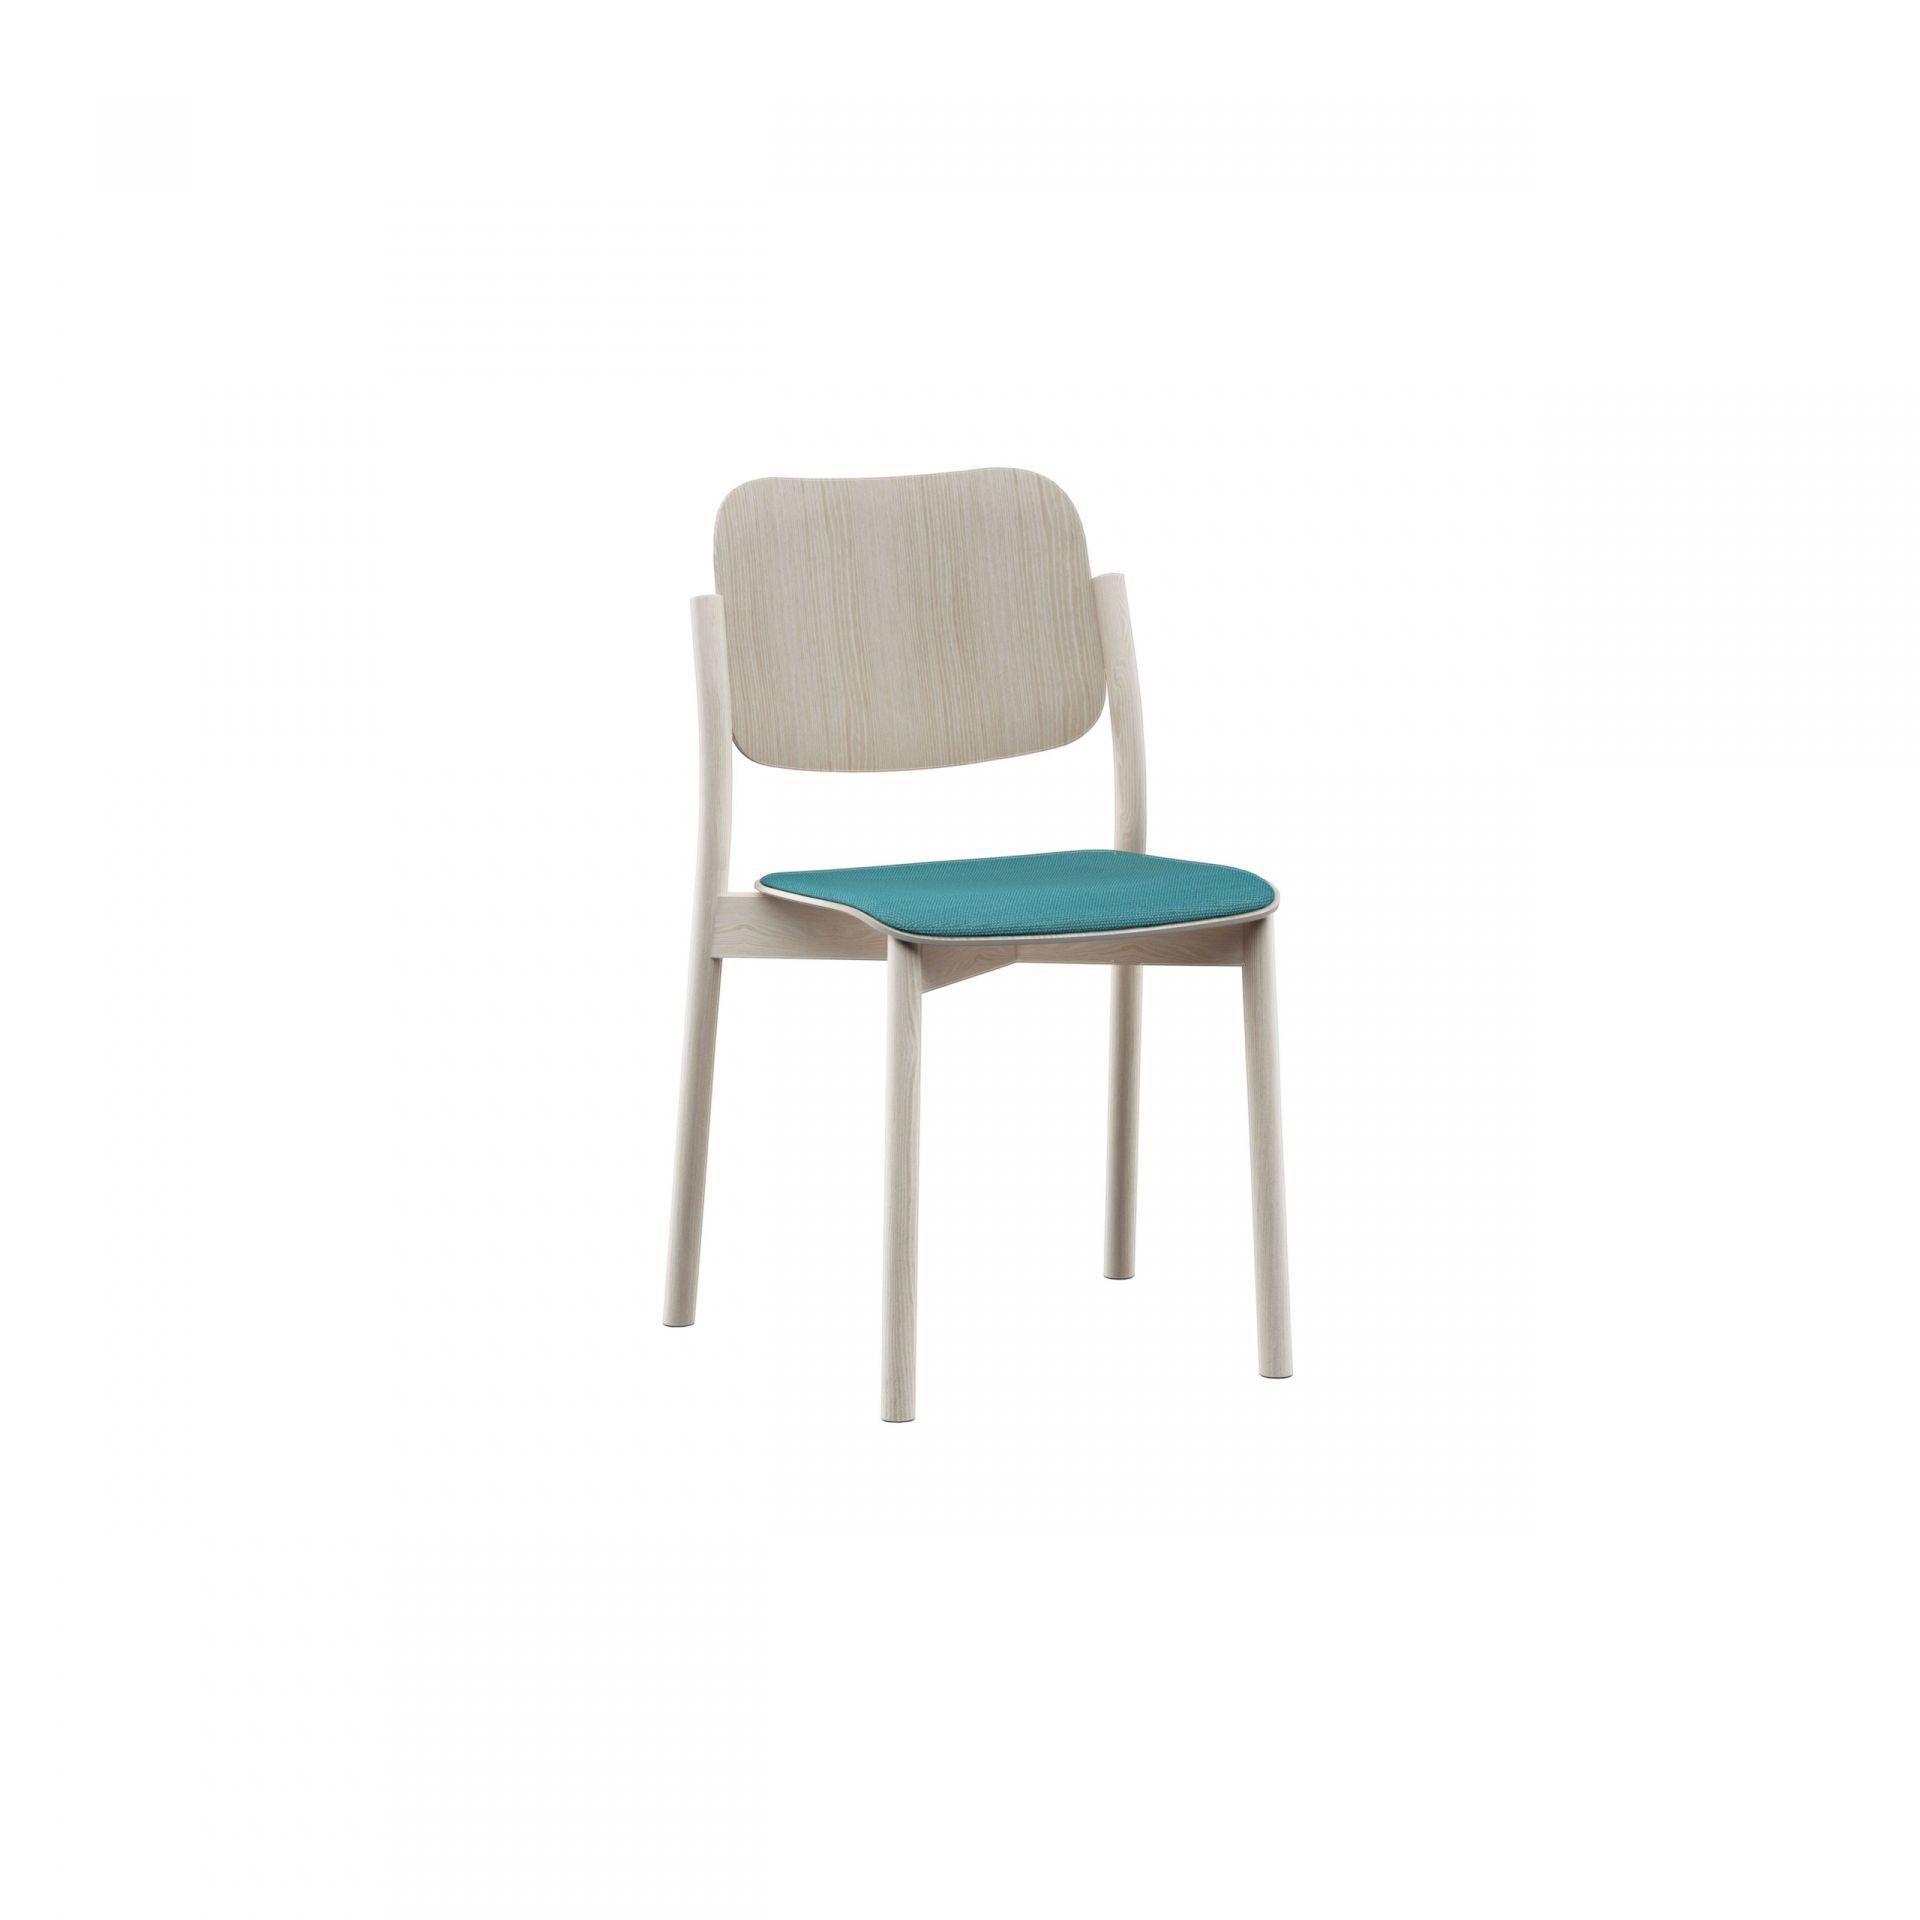 Zoe Wooden chair